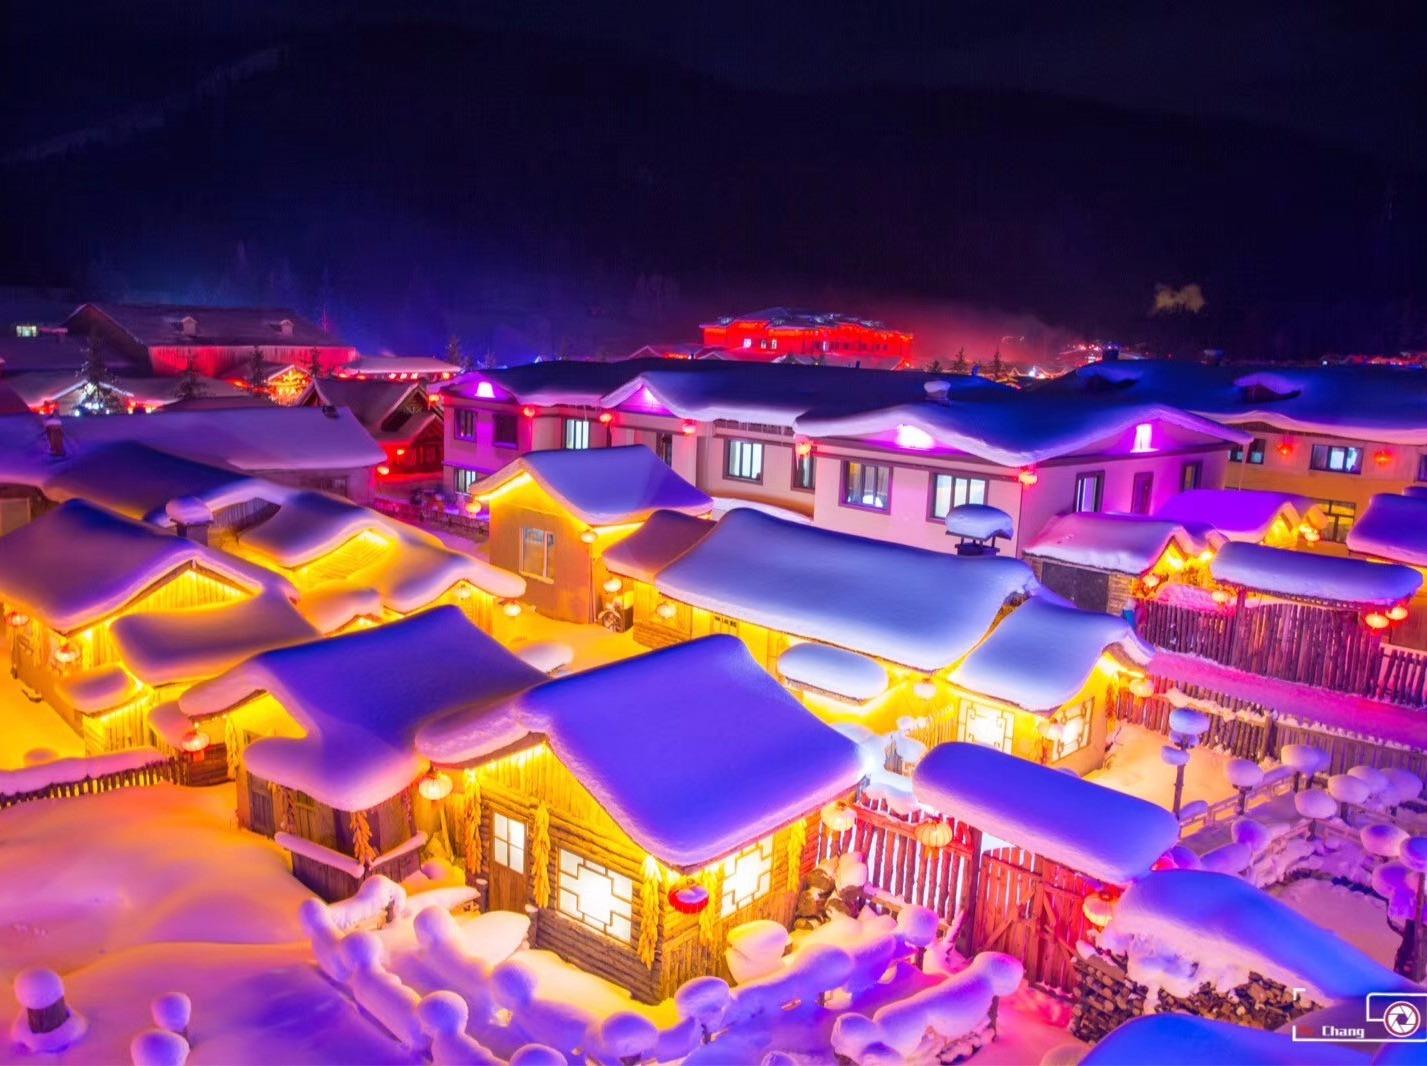 哈尔滨雪乡长白山魔界摄影7日特价休闲游